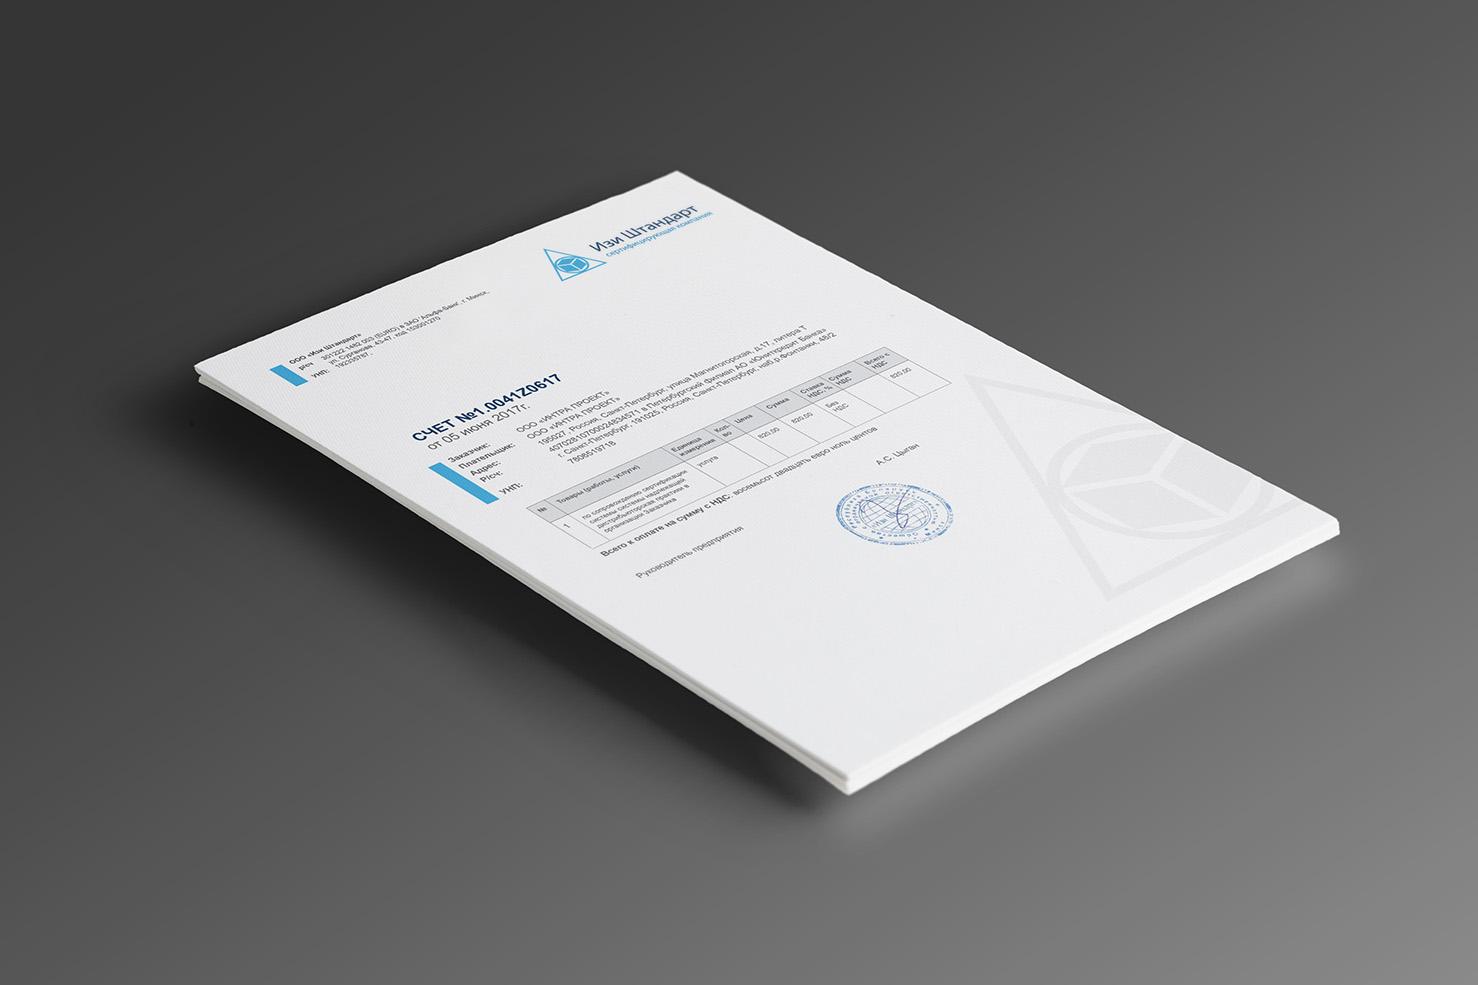 Оформление фирменных документов фото f_6545948feaaf2396.jpg